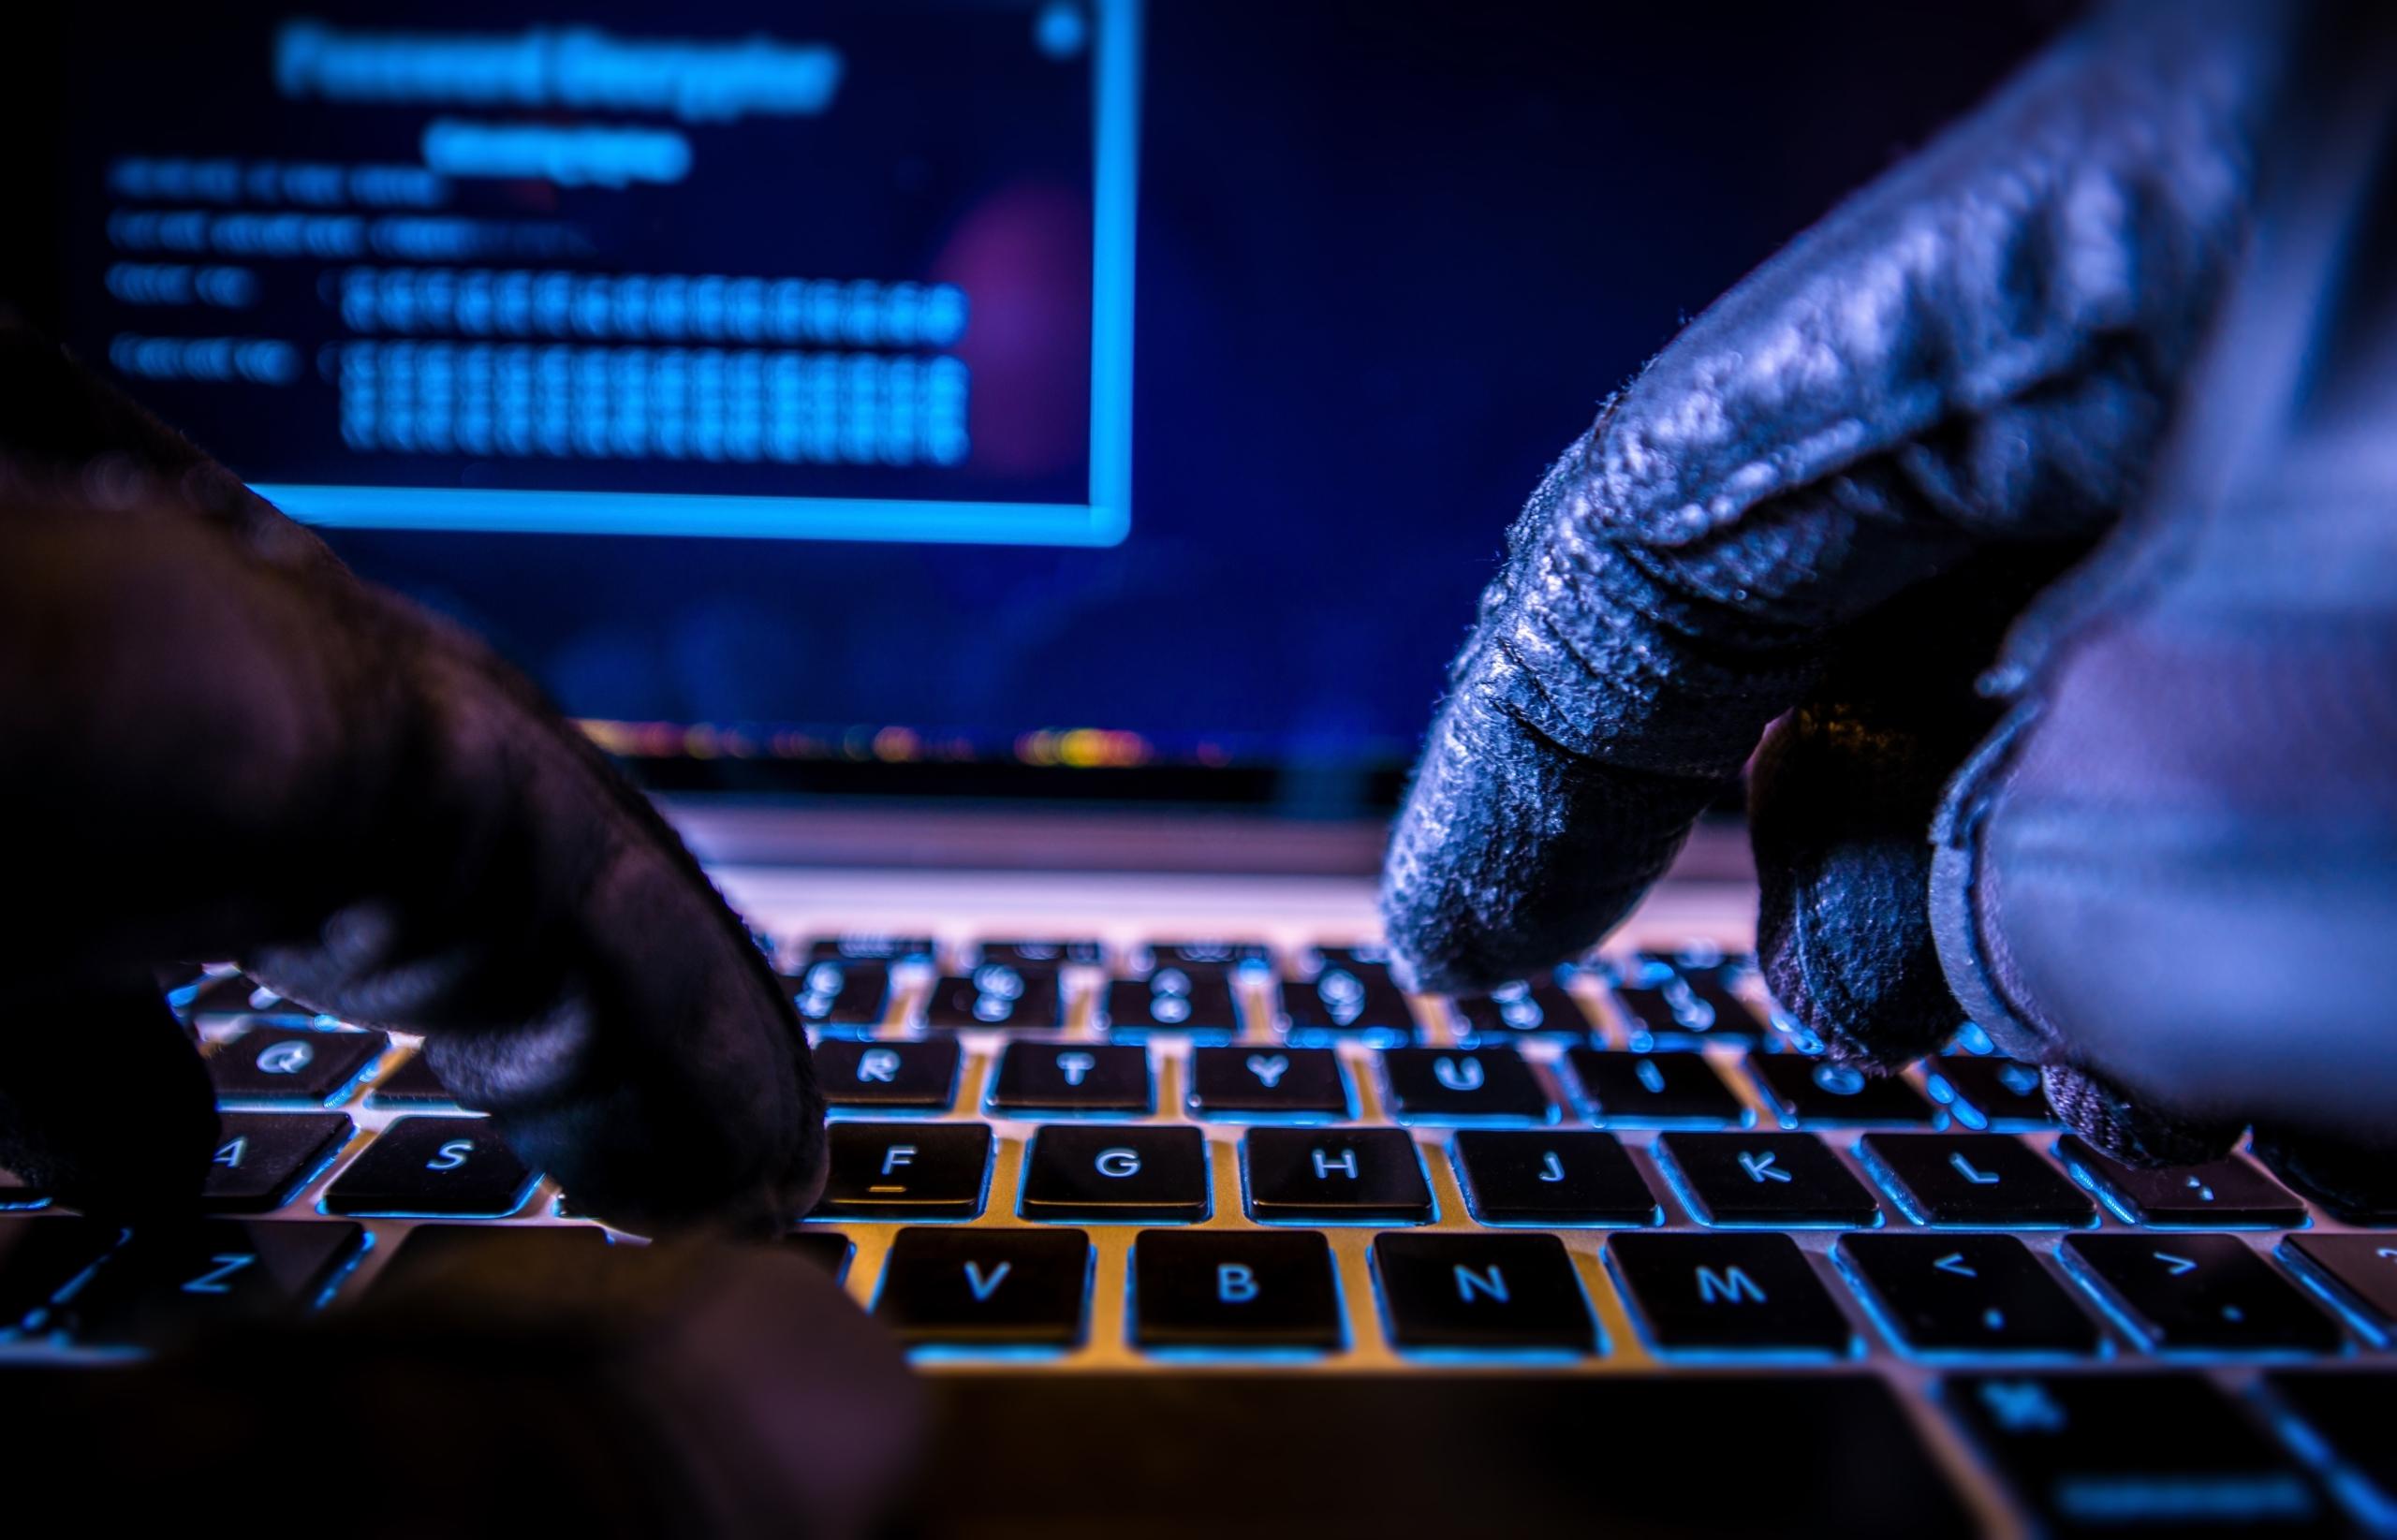 Finger mit Handschuhen auf Tastatur